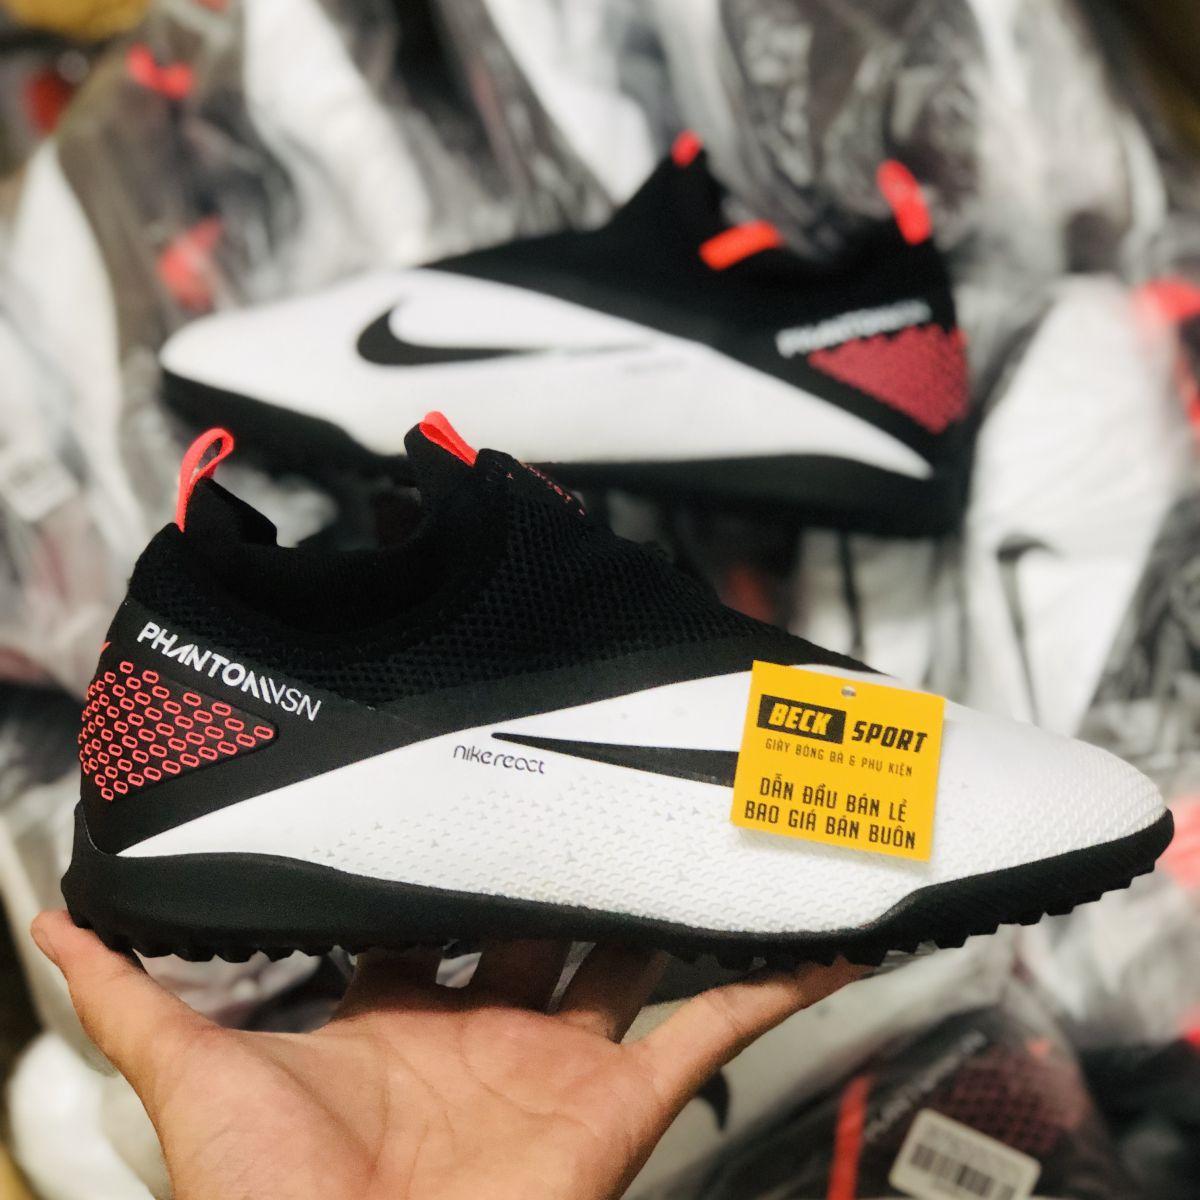 Giày Bóng Đá Nike Phantom VSN II Trắng Gót Đen Cổ Cao Giấu Dây TF